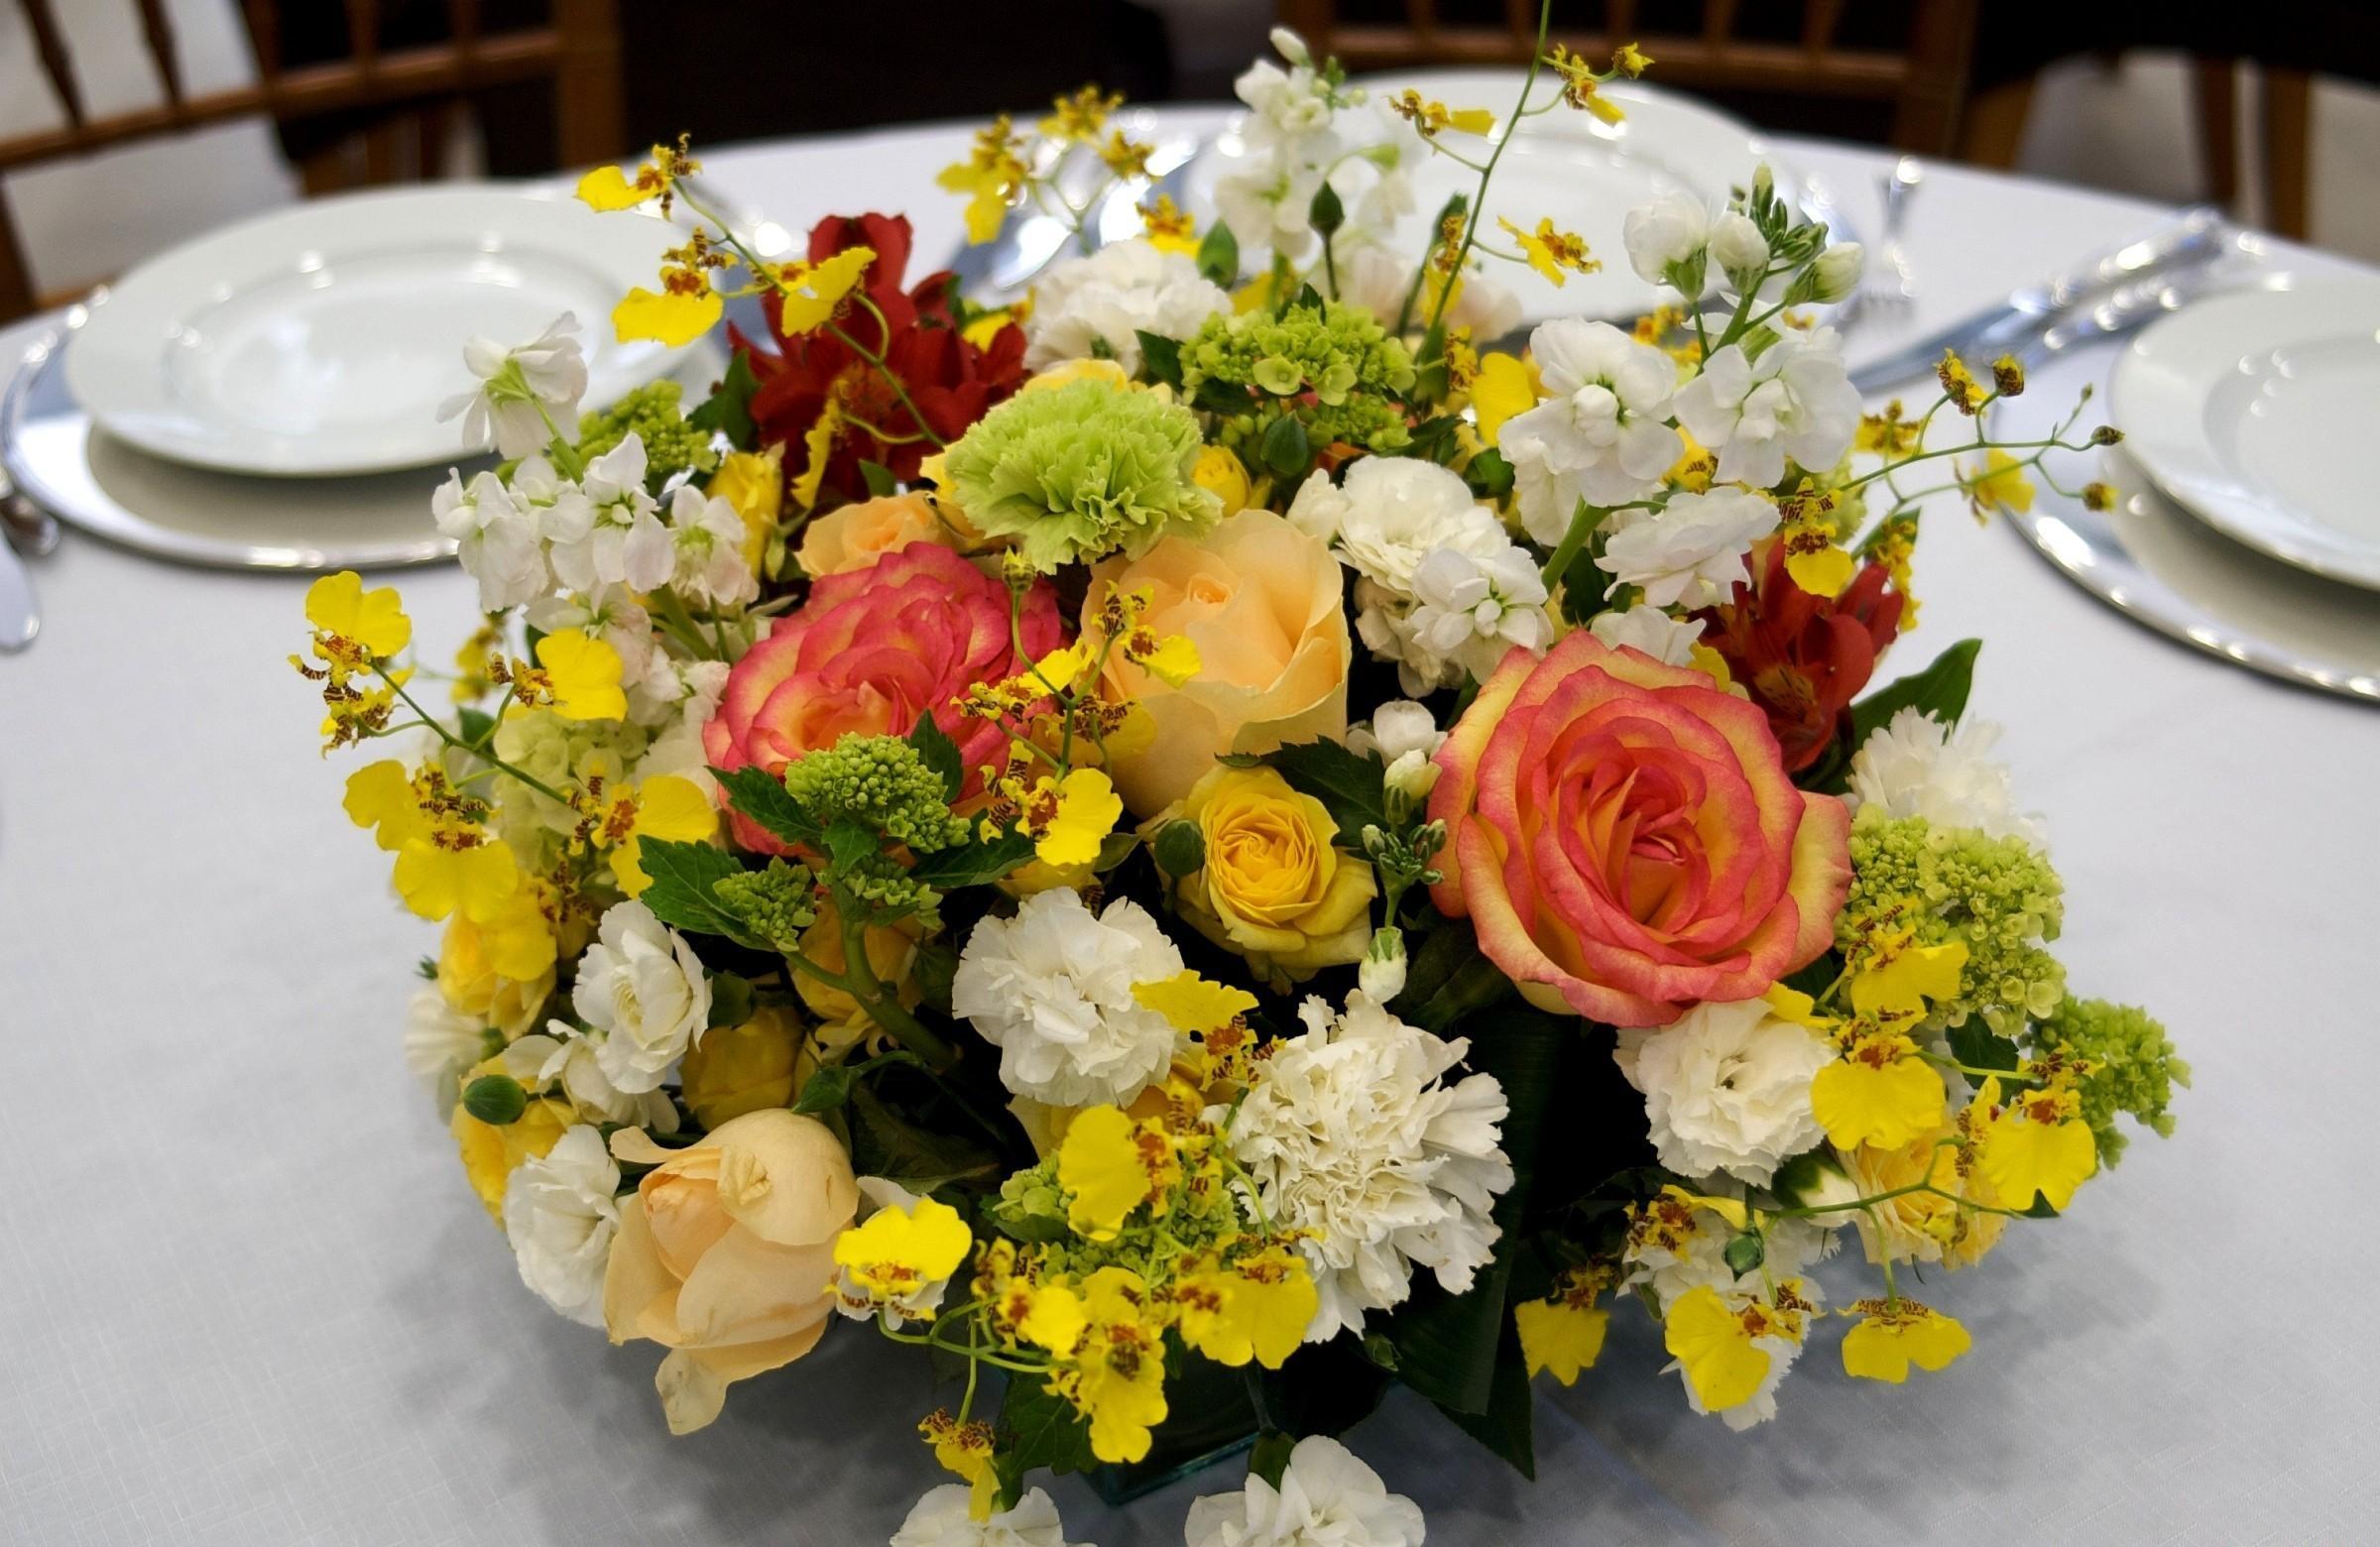 138740 скачать обои Цветы, Гвоздики, Розы, Стол, Композиция, Сервировка - заставки и картинки бесплатно